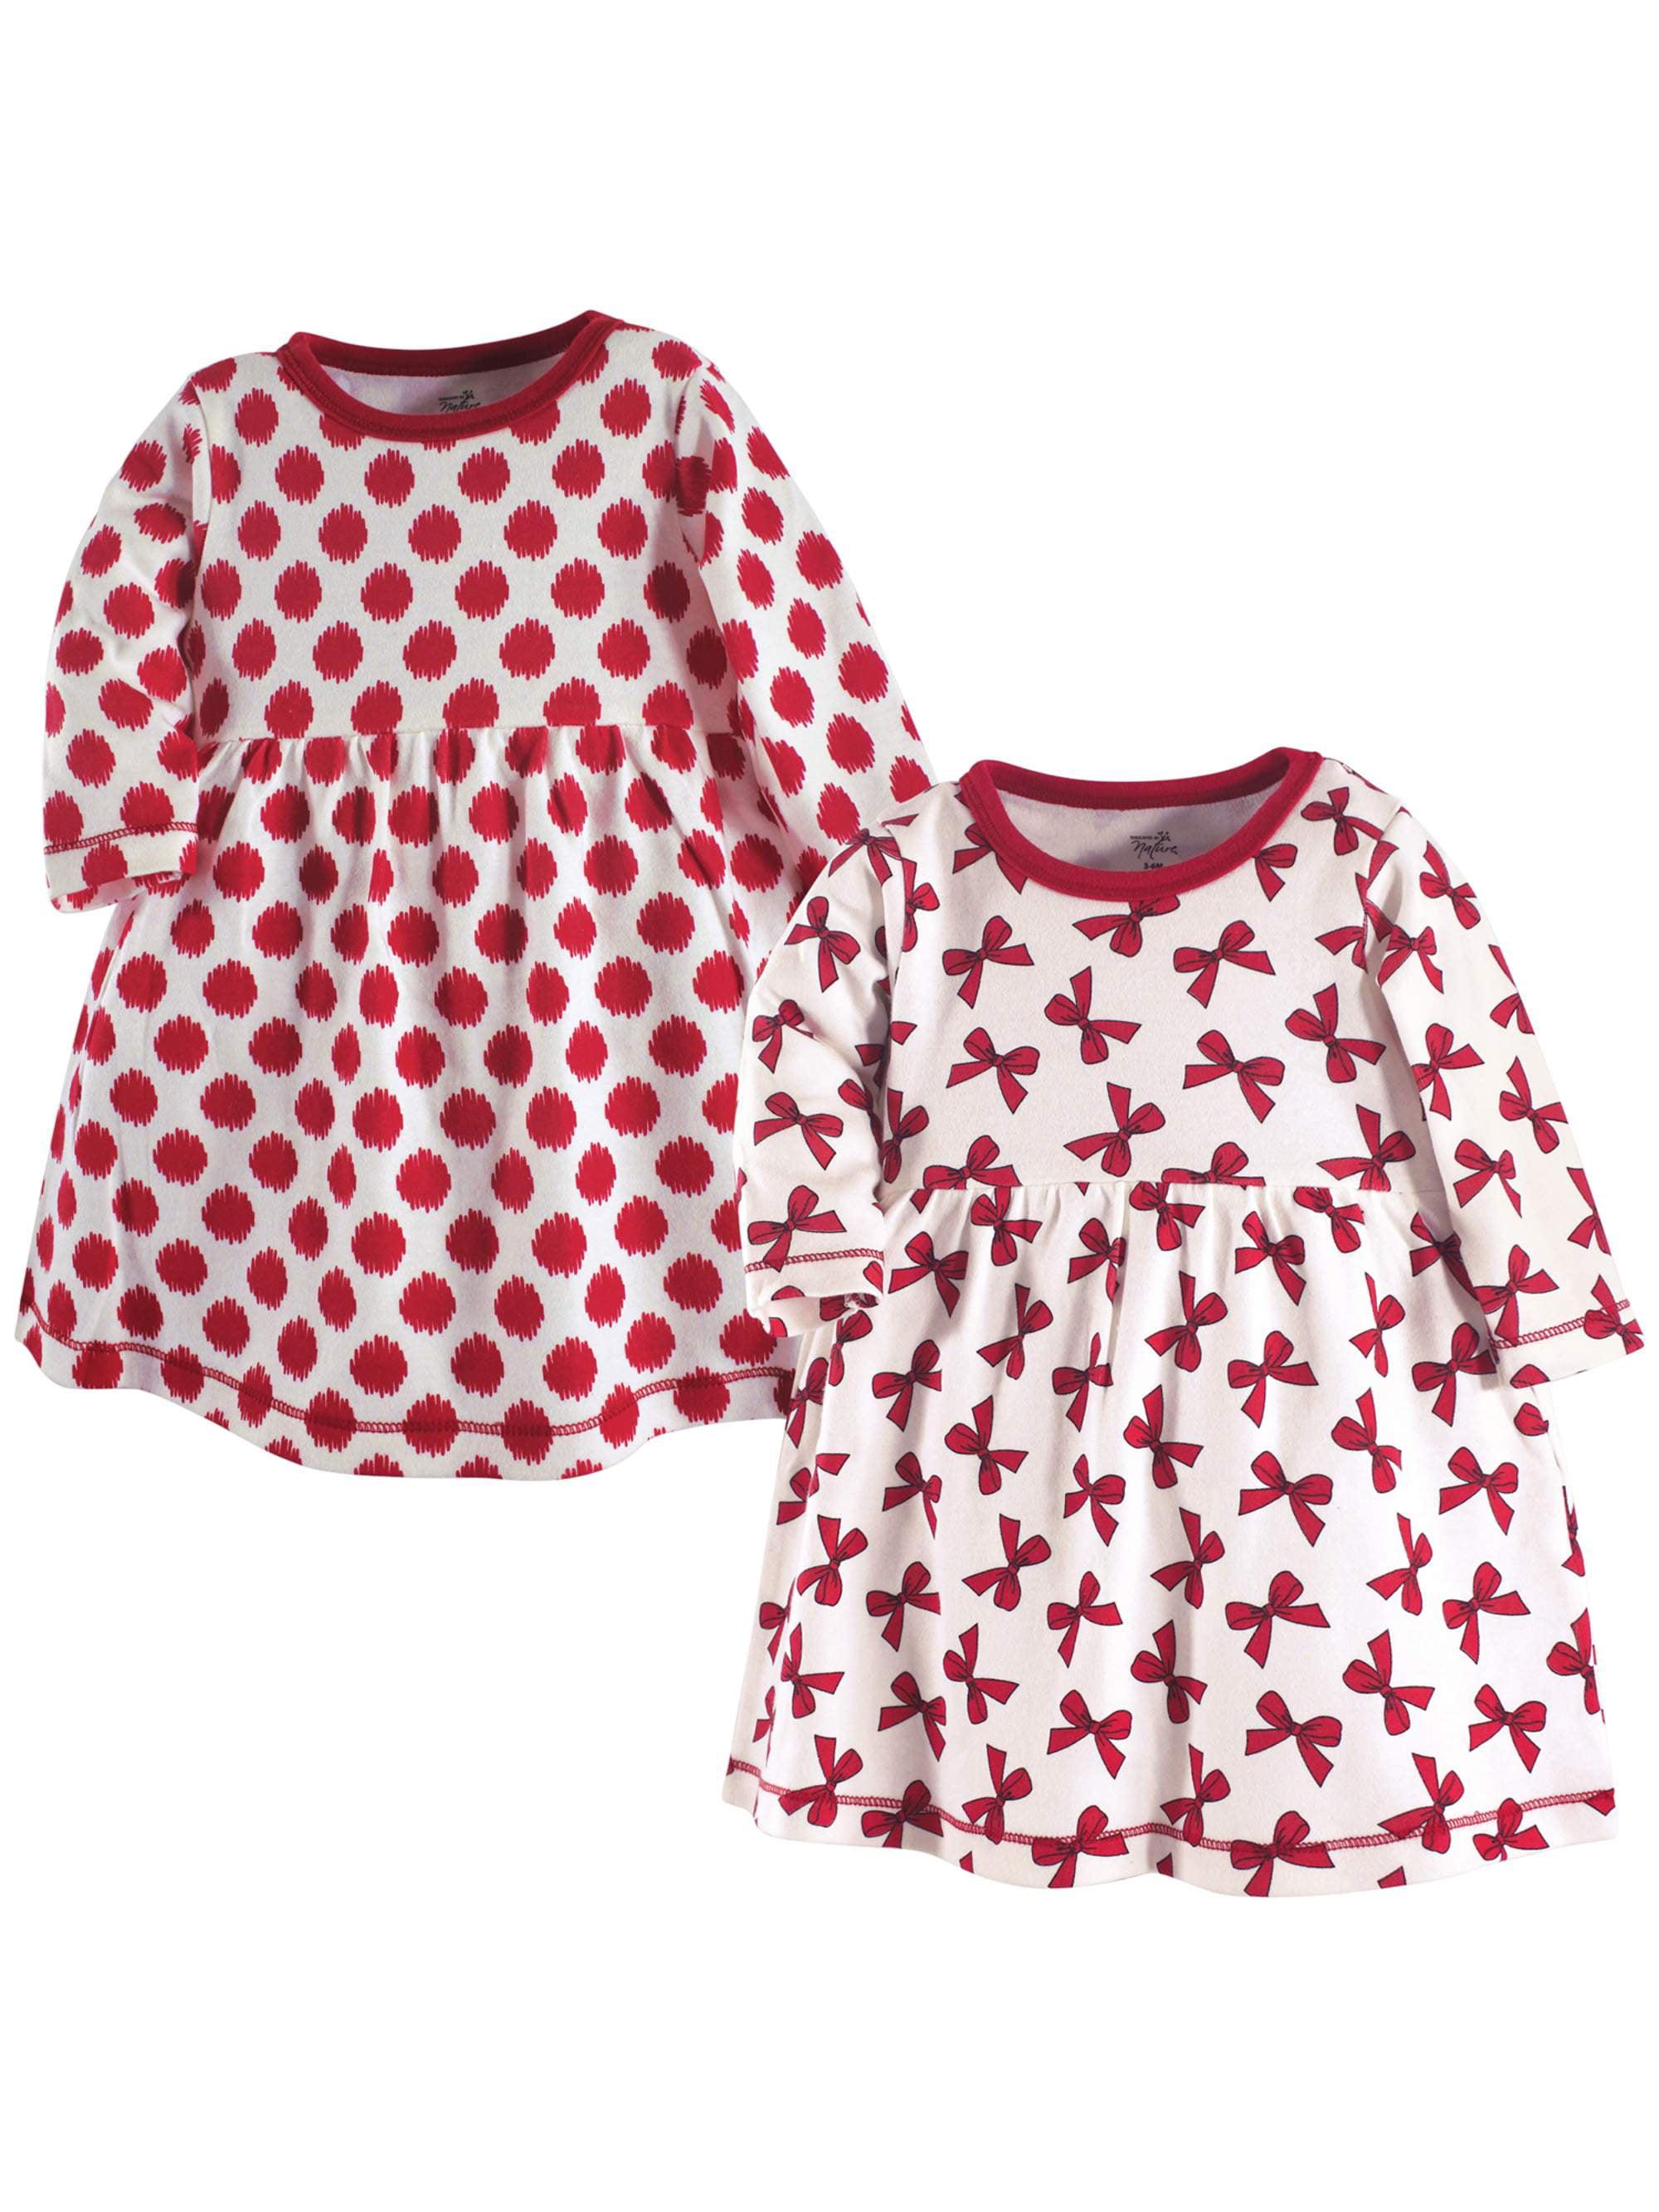 bf715d78a Walmart Baby Girl Christmas Dresses